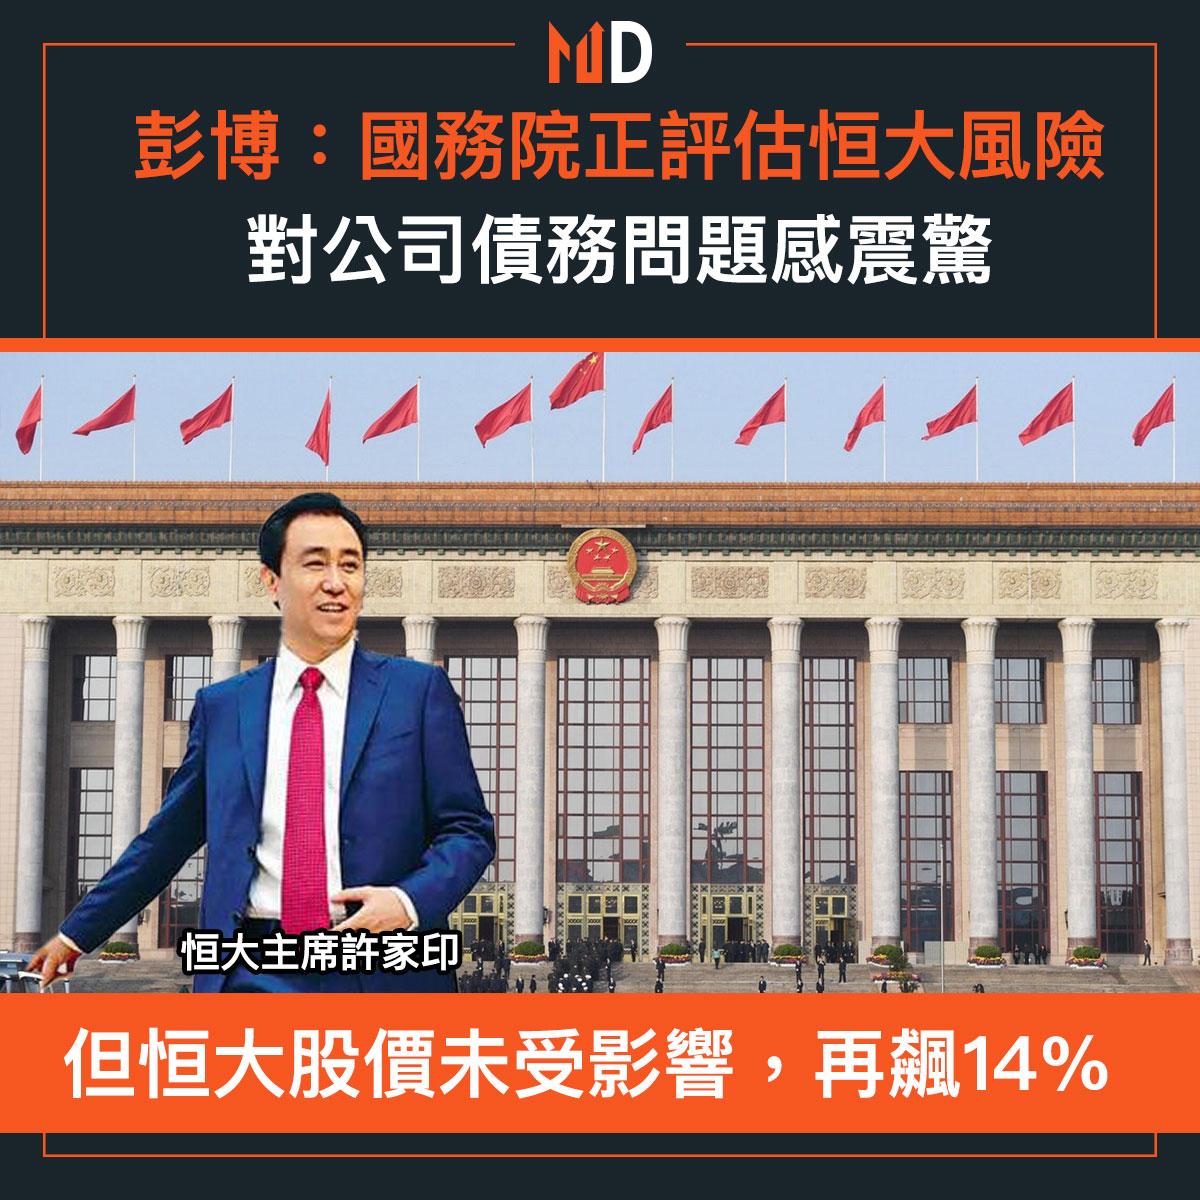 【恒大事件】彭博:國務院正評估恒大風險,對公司債務問題感震驚